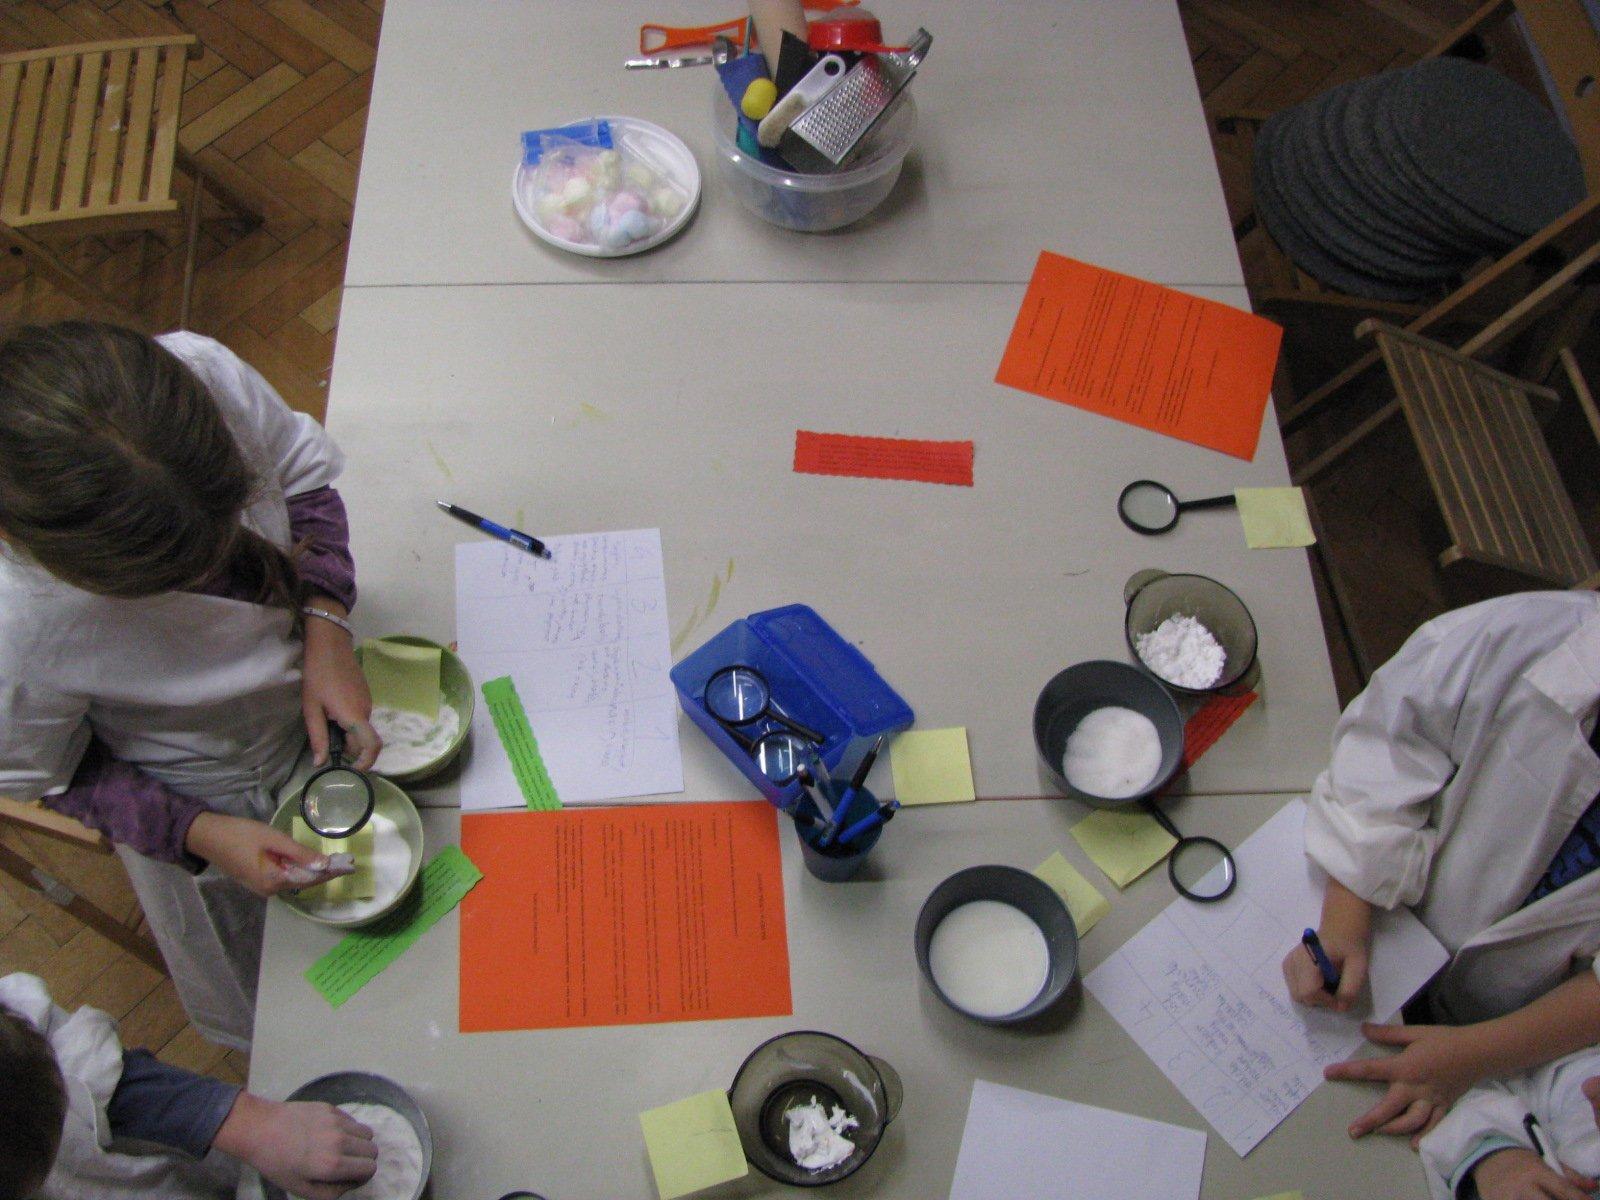 Podróże uczące kreatywności -zajęcia dla 8-10 latków